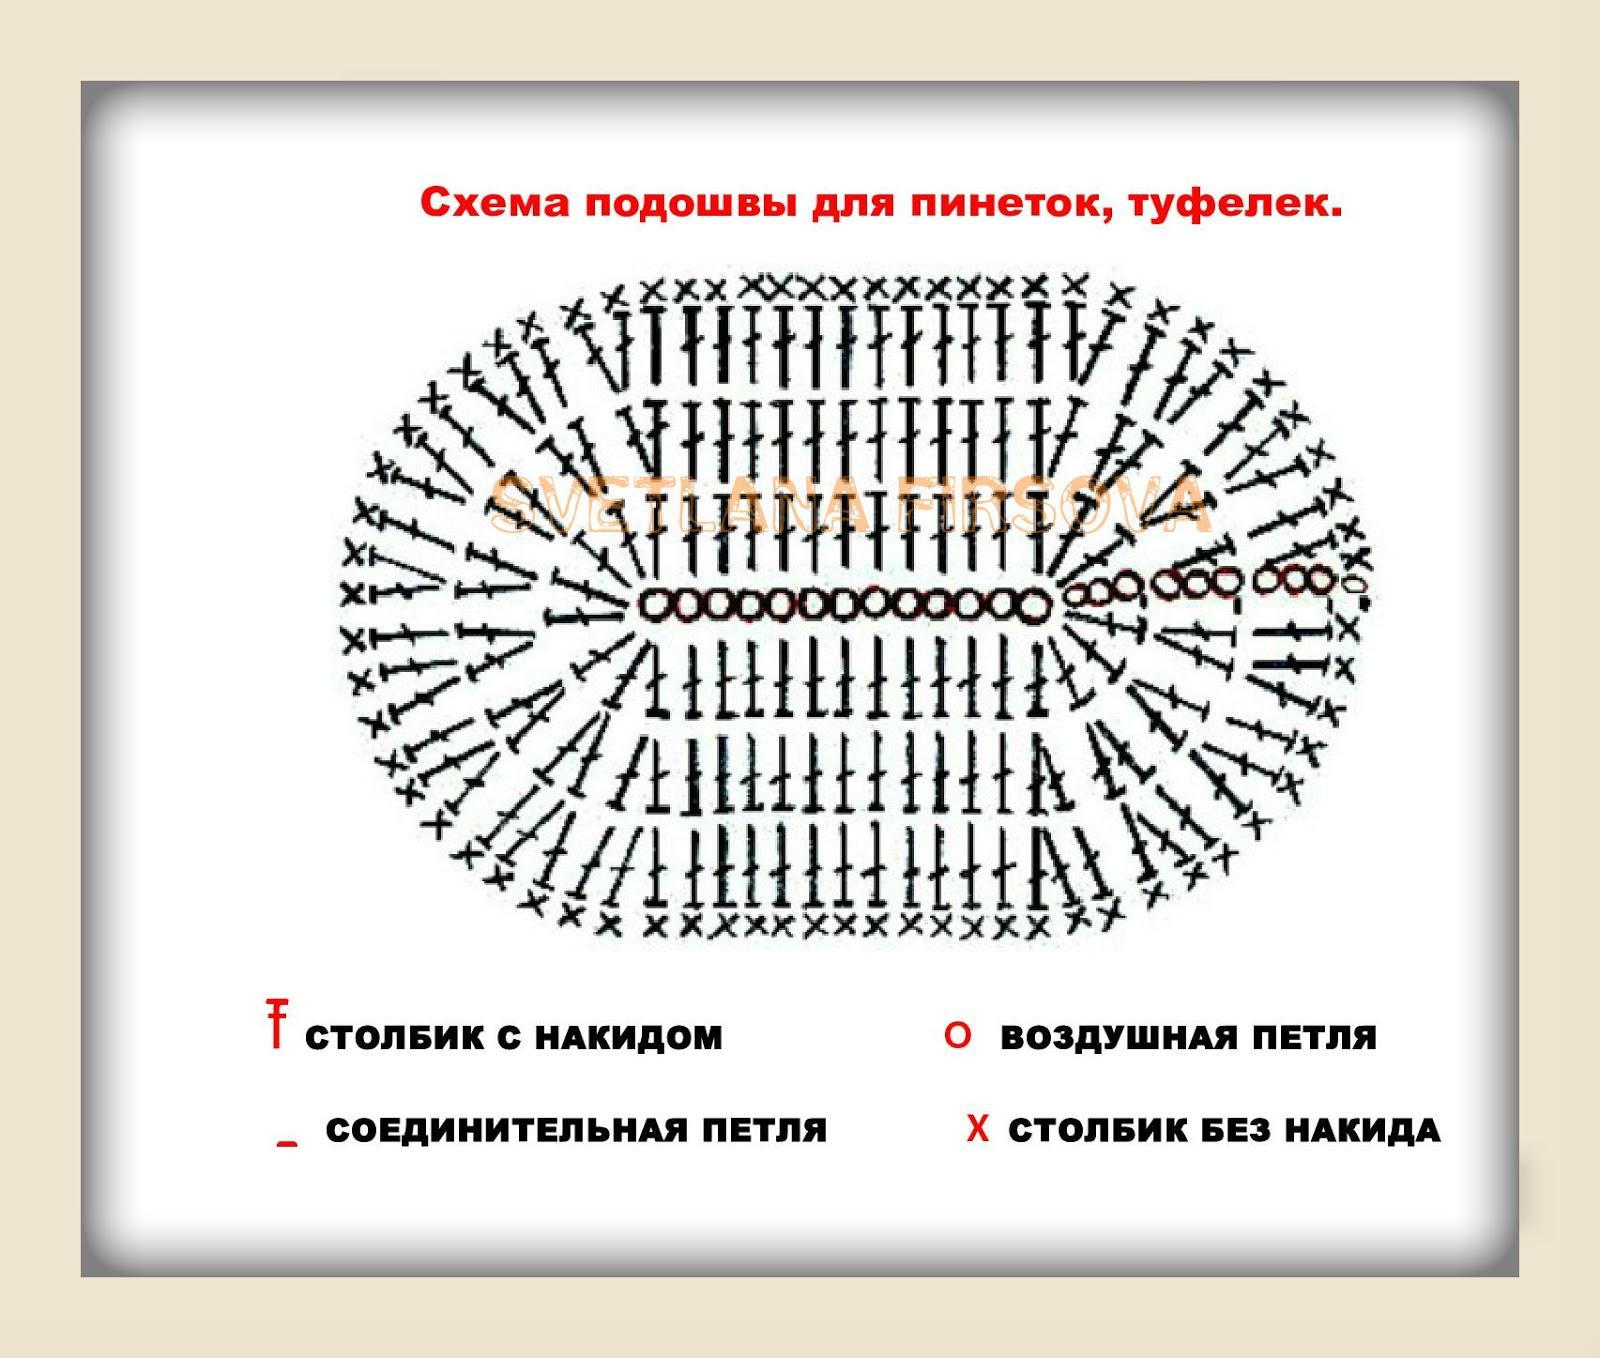 Пинетки крючком схема и расшифровка